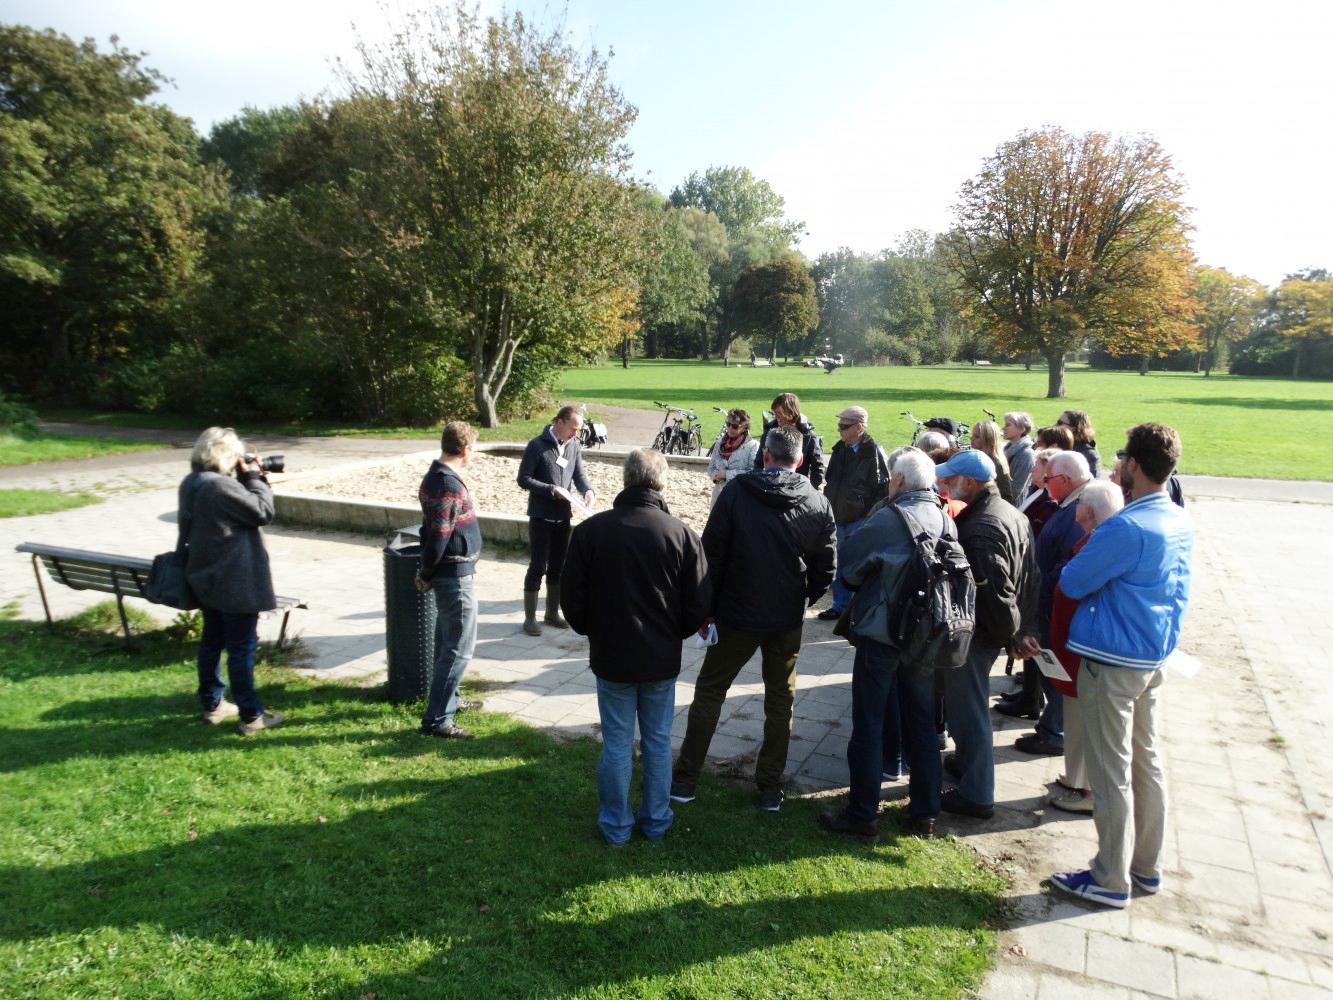 buro-sant-en-co-landschapsarchitectuur-schoterbos-haarlem-stadspark-participatie-1